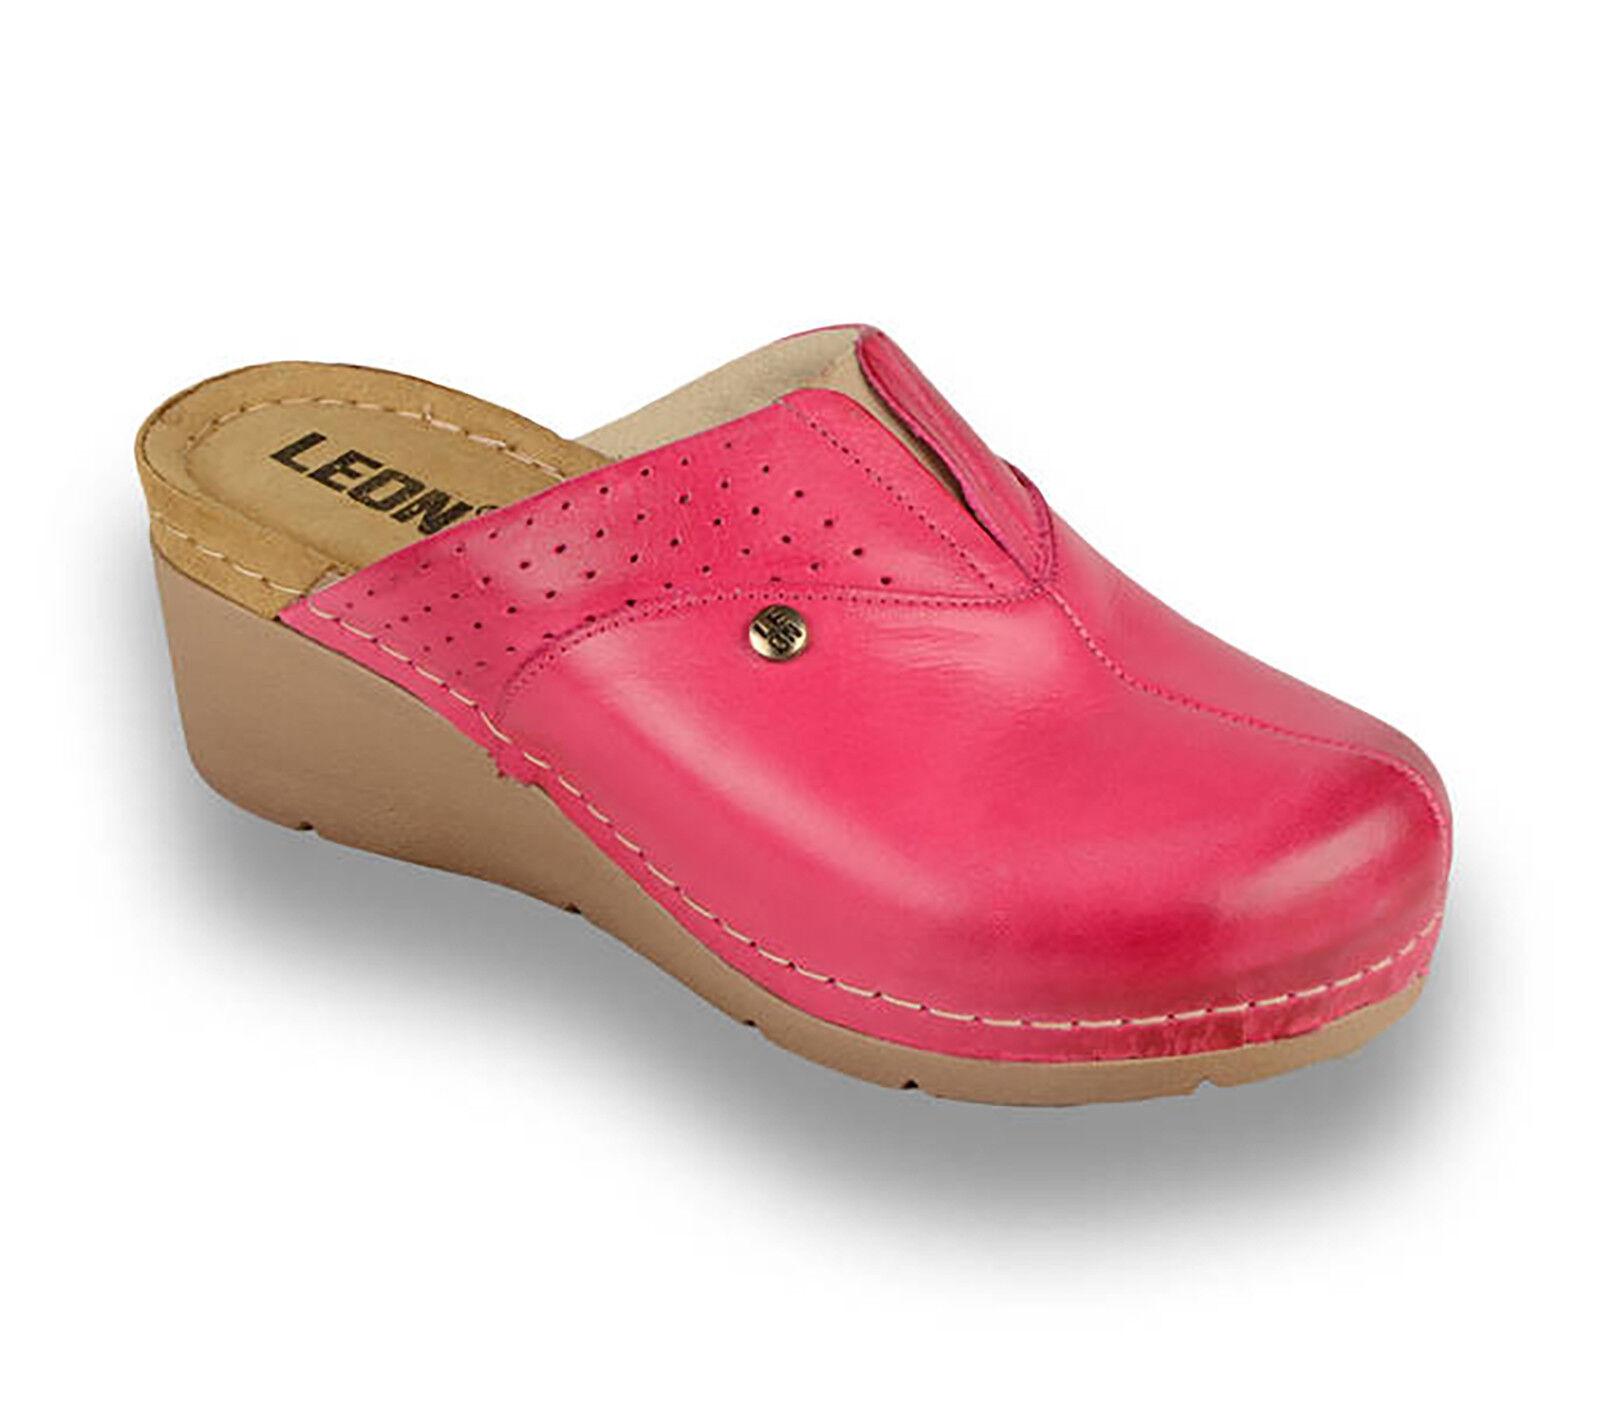 LEON 1002 Donne Donna in Pantofole Pelle Infilare Muli Zoccoli Pantofole in Sandali, rosa NUOVO REGNO UNITO f934df